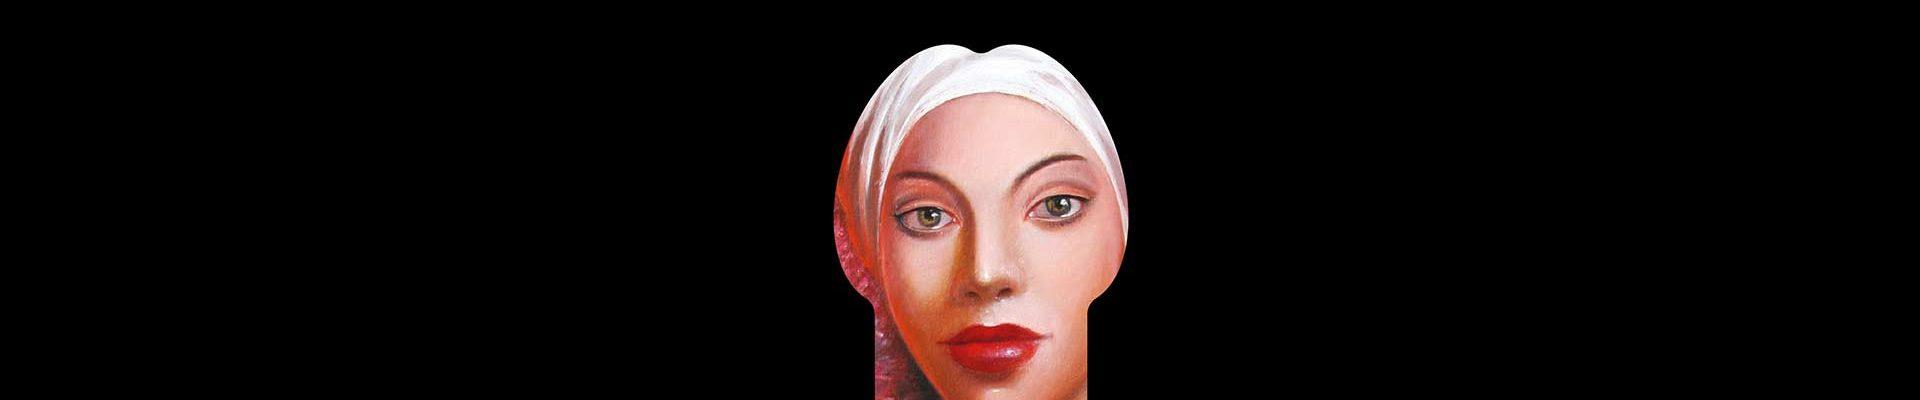 Αγαπημένο μου μπορντέλο: Οι δούλες του Ιερού